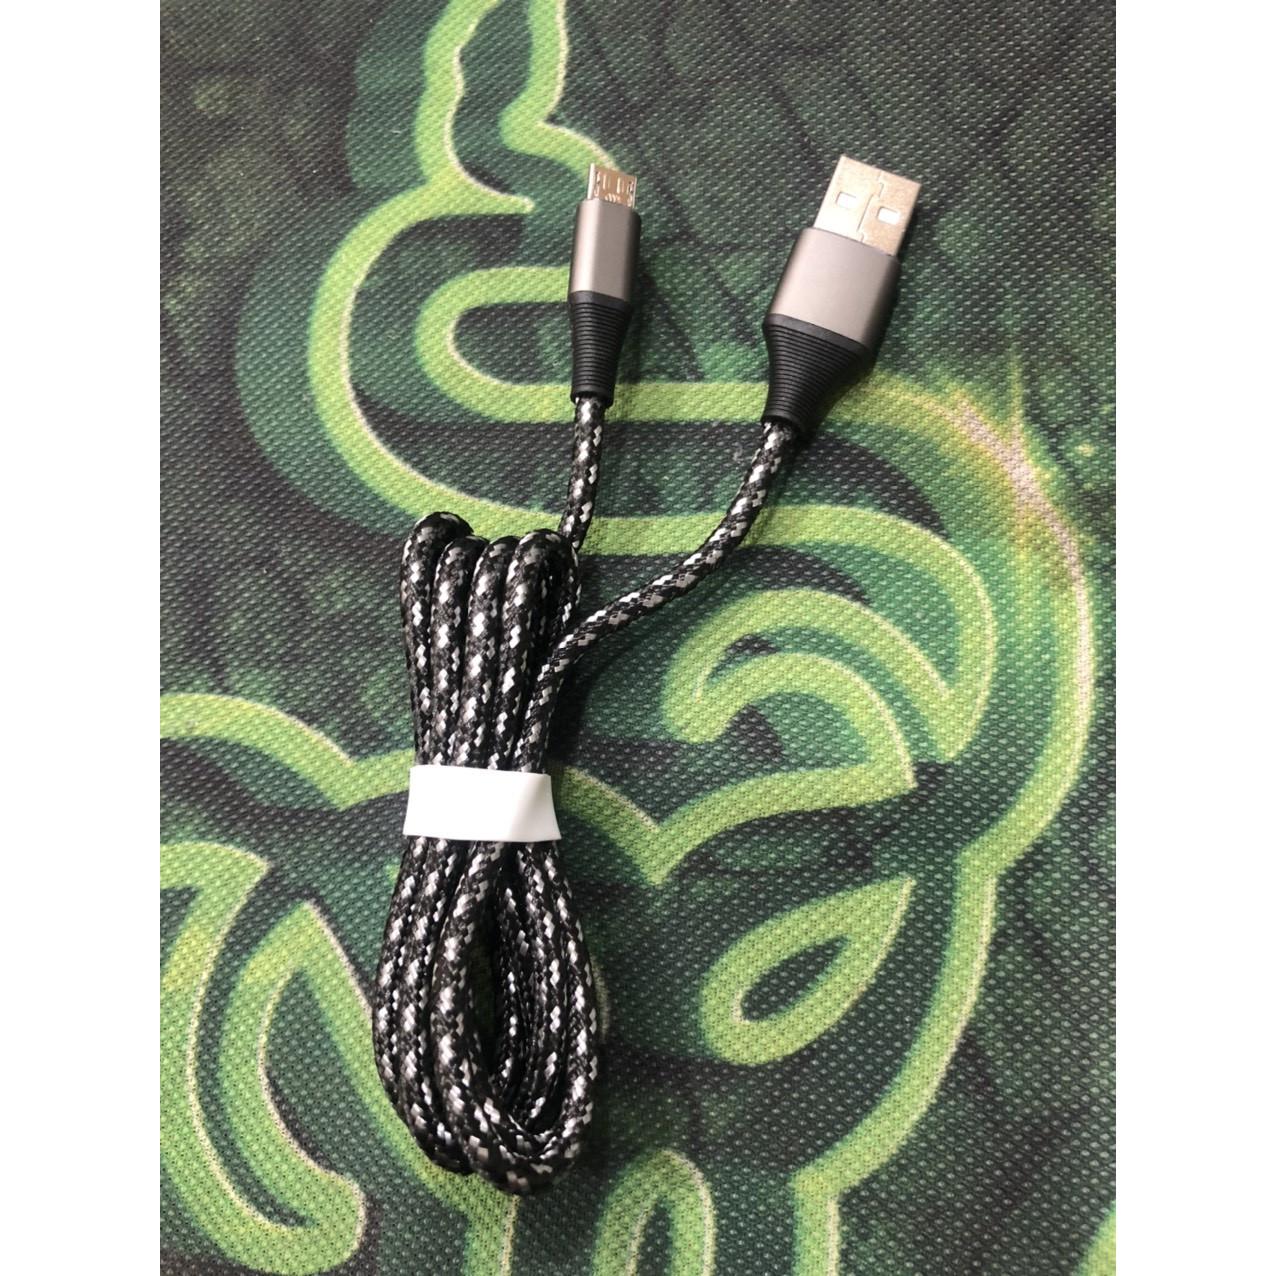 Cáp sạc cổng micro usb  dây dù dài 1.2 mét